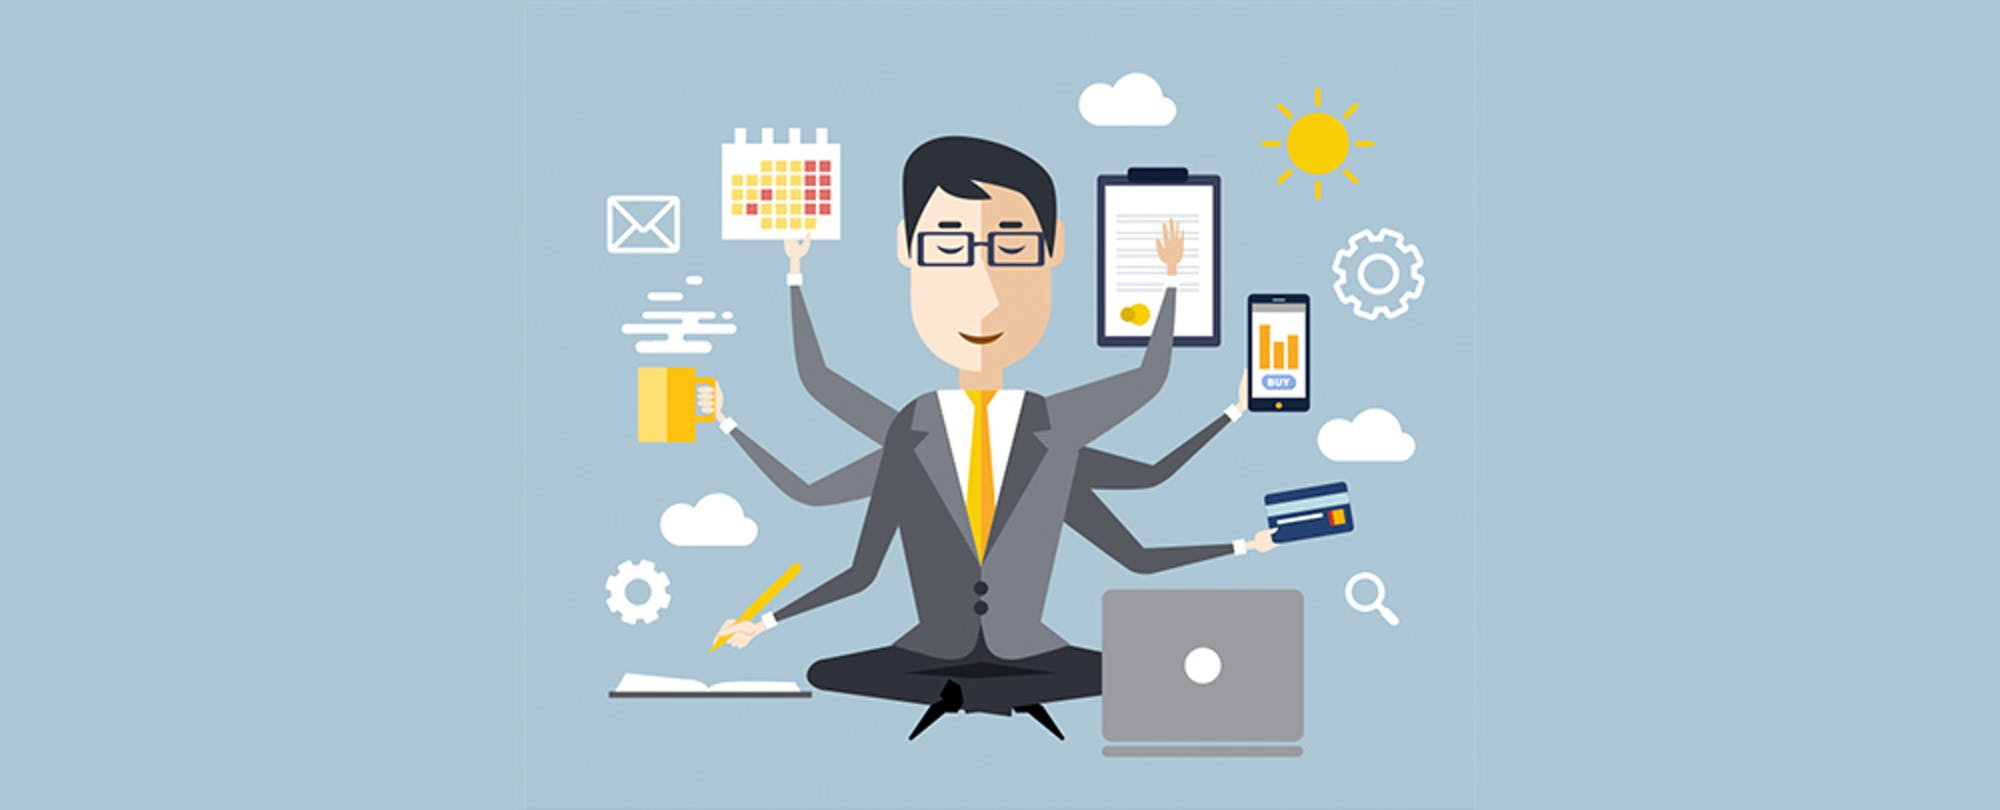 Jobs 1459371672 - 6 گام برای ایجاد مهارت های ارتباطی قوی تر در معمارها